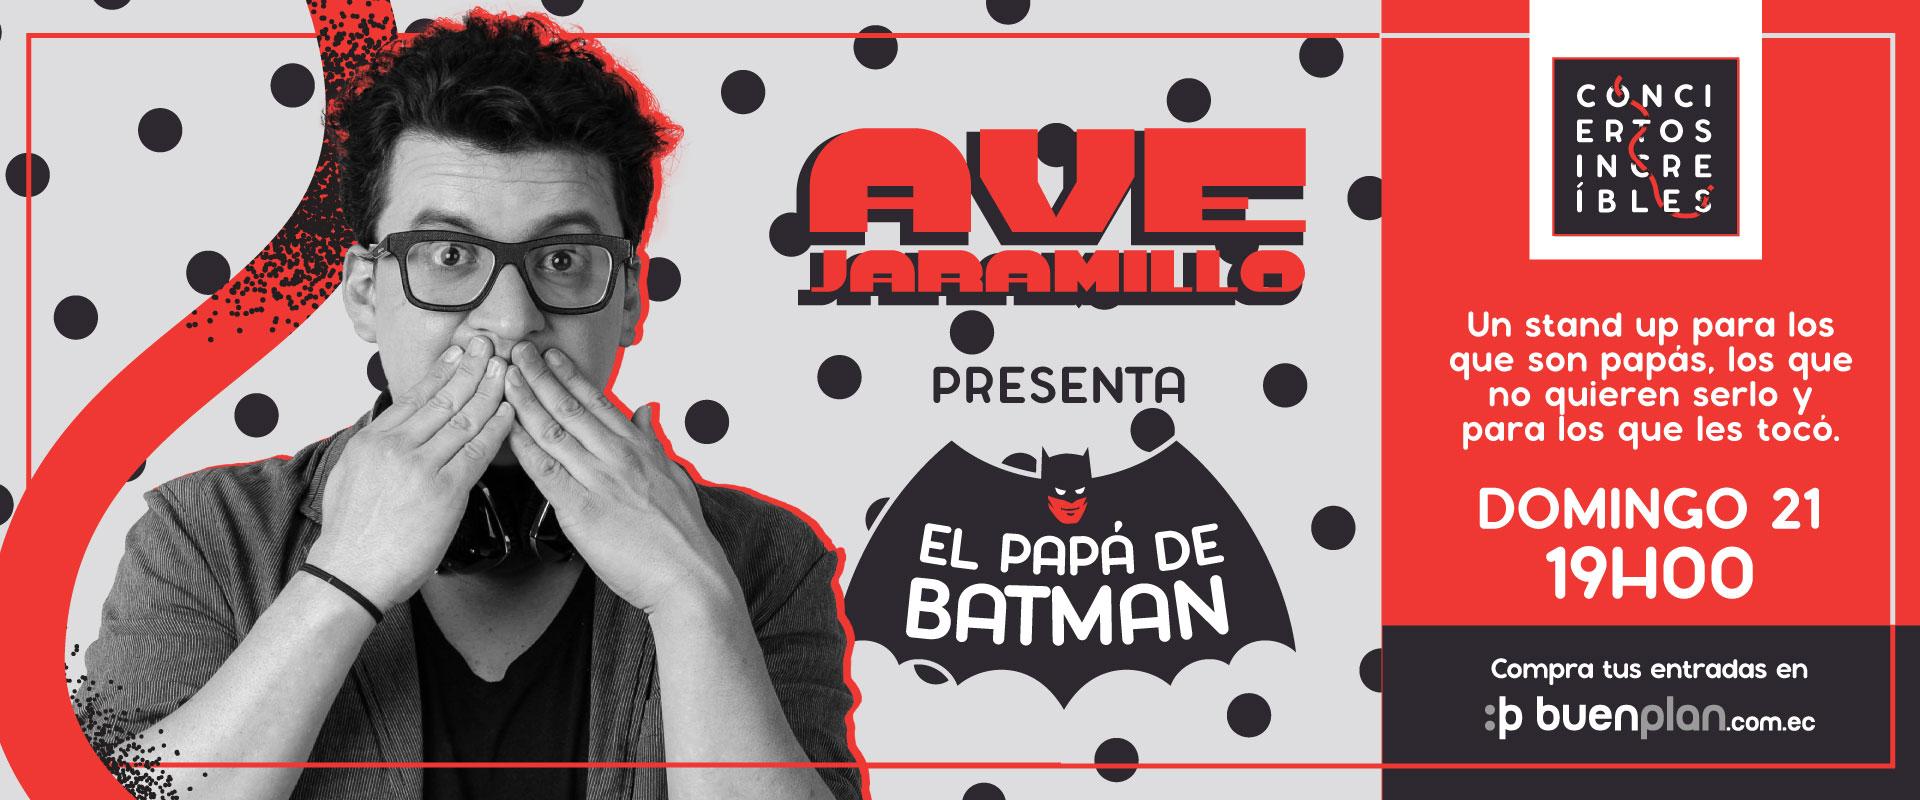 Ave presenta: El papá de Batman en , BuenPlan